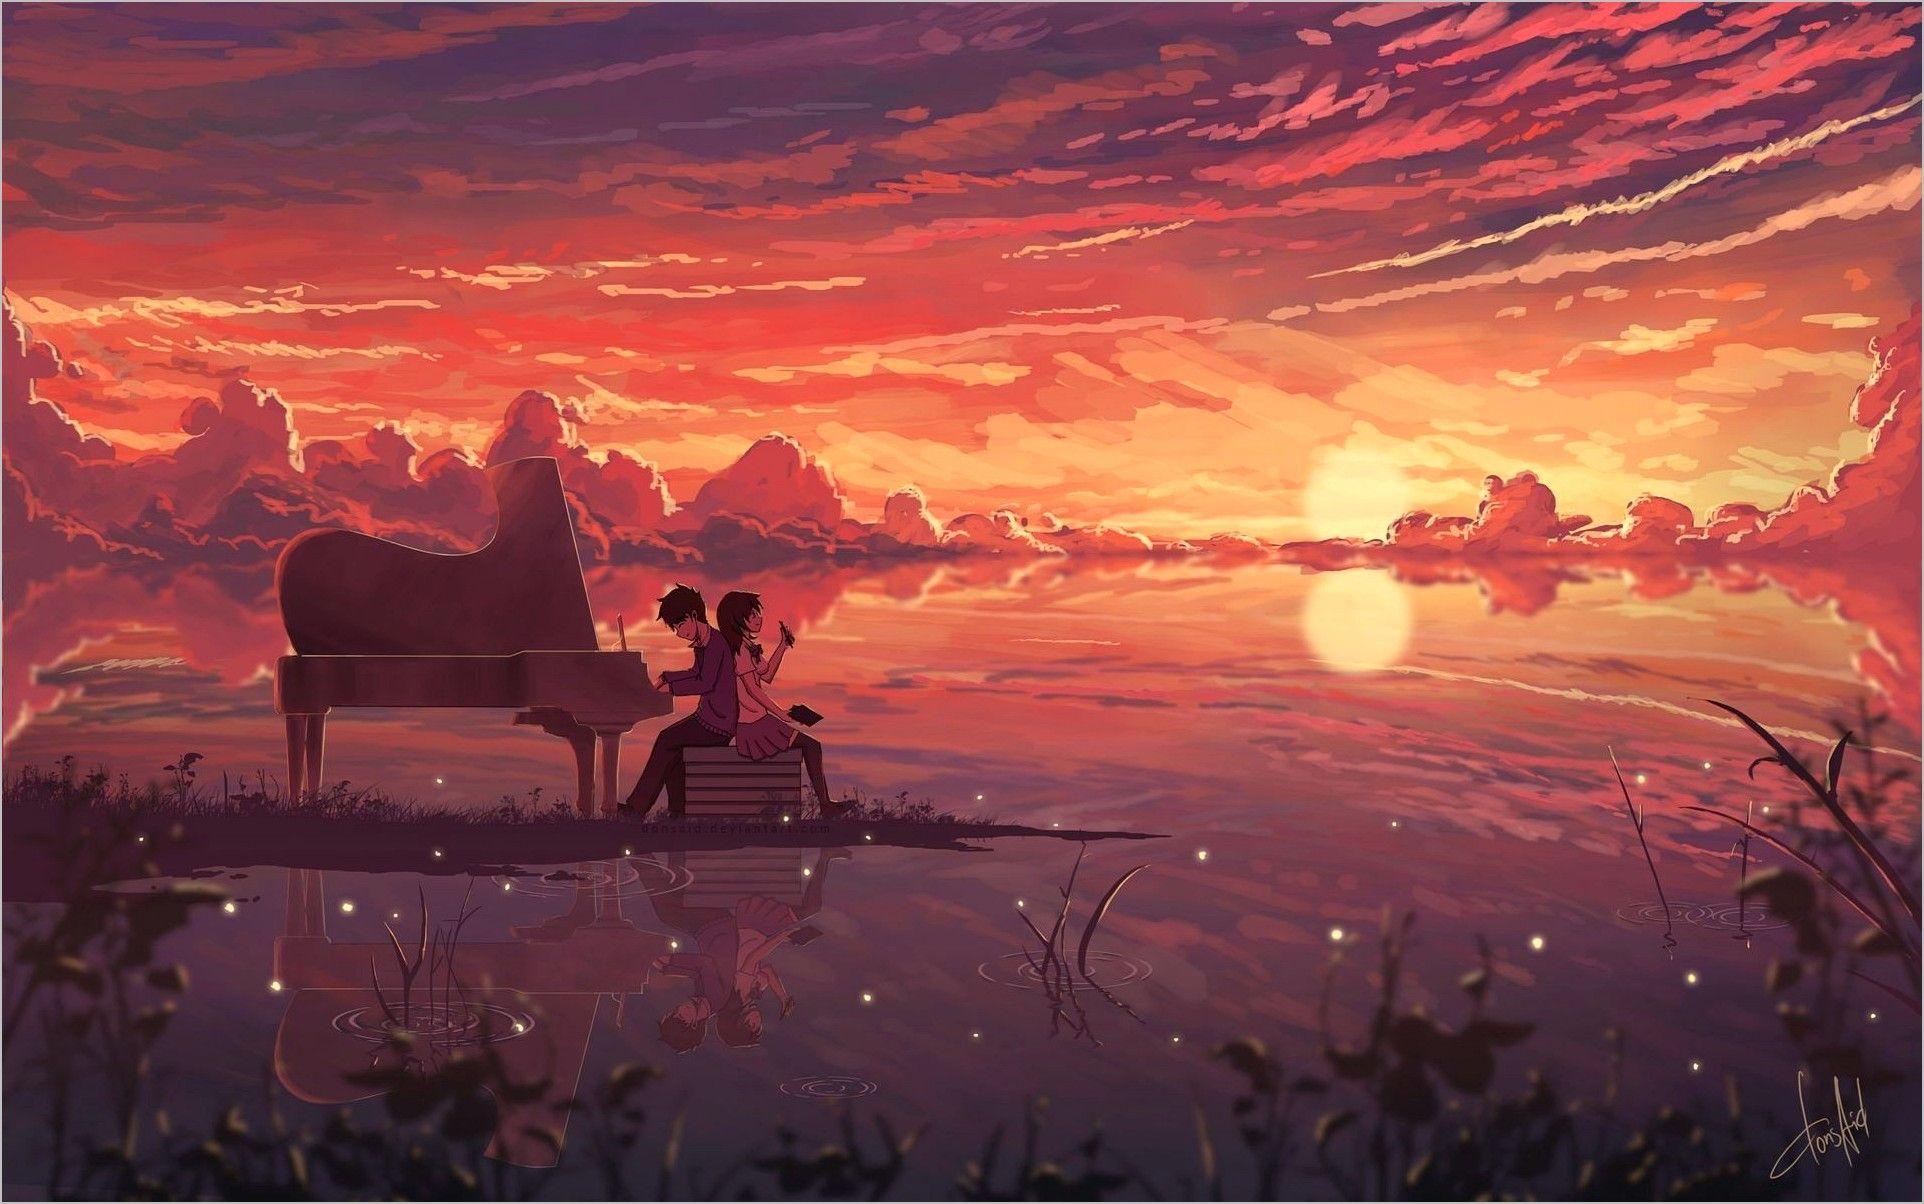 Anime Art Landscape Wallpaper 4k In 2020 Anime Wallpaper Anime Scenery Art Wallpaper